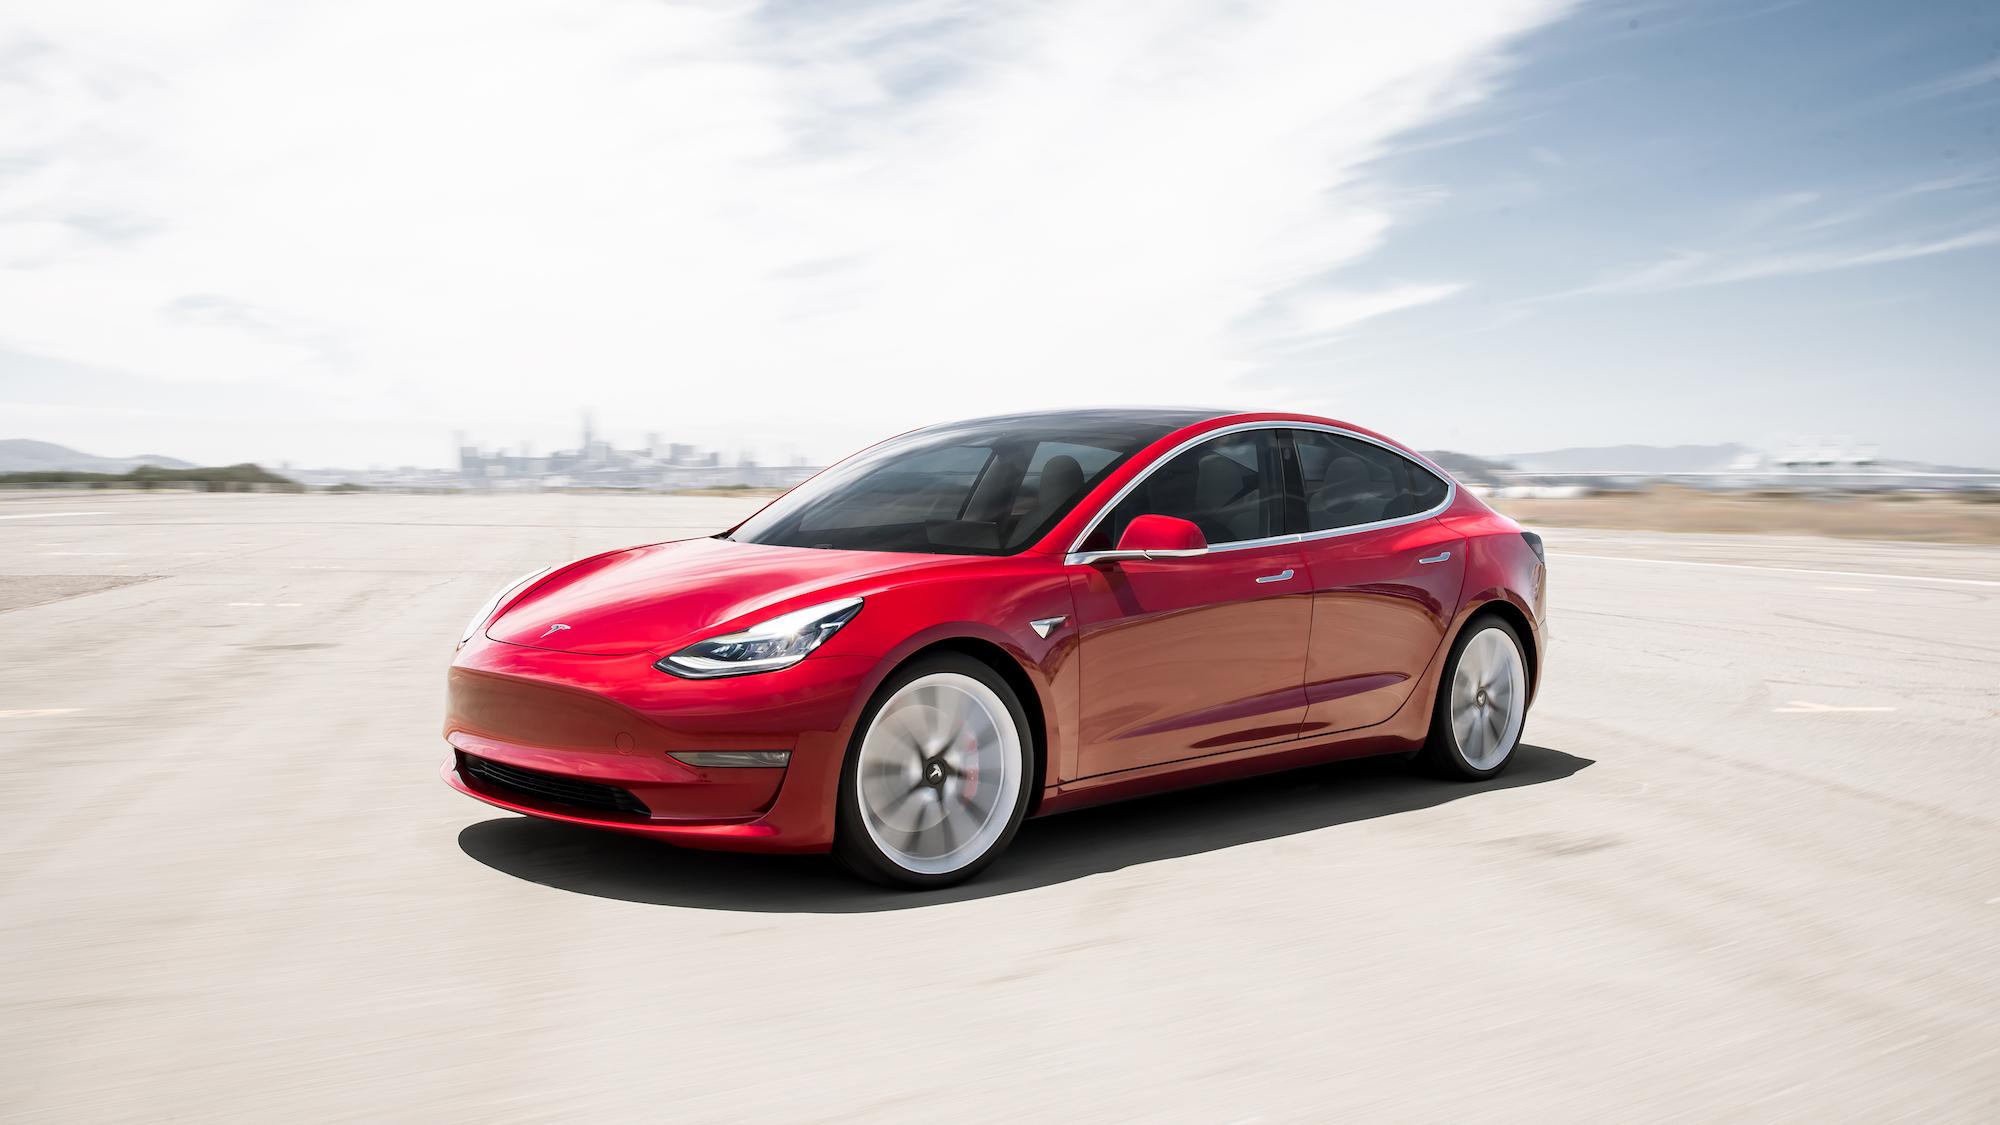 Consumer Reports Names Tesla's Model 3 a Top Pick | The Motley Fool